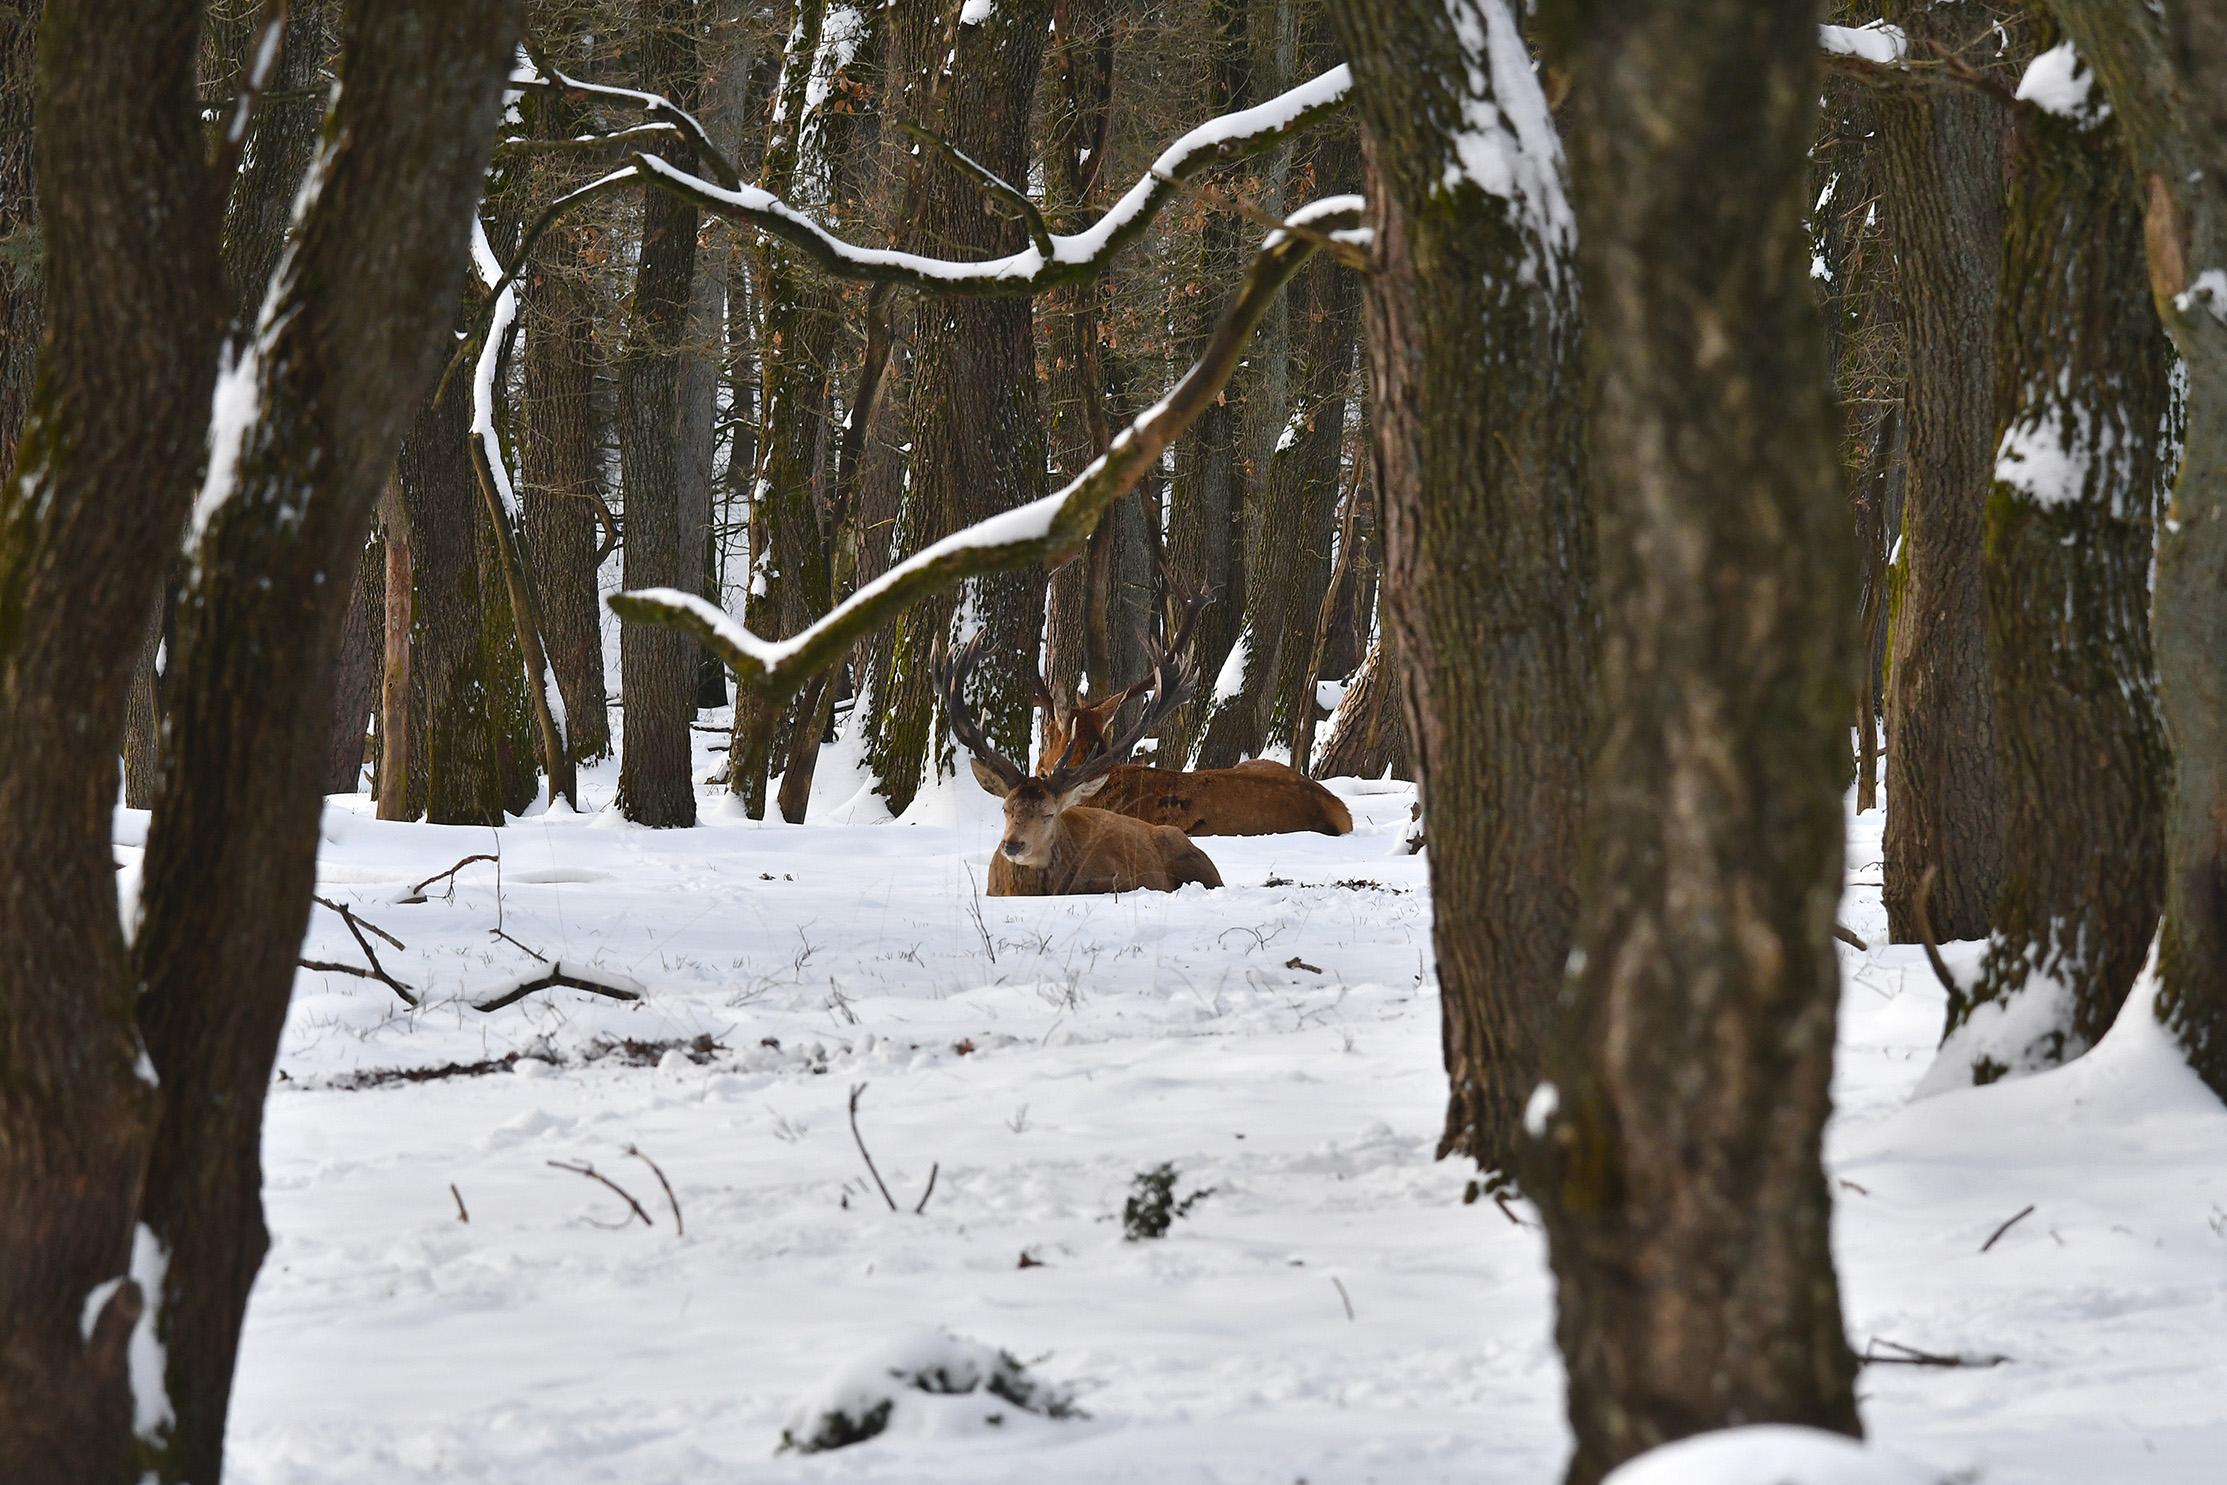 Na enig speuren tussen de bomen door, zien we het ons zo bekende hert Hubertus - Foto: ©Louis Fraanje